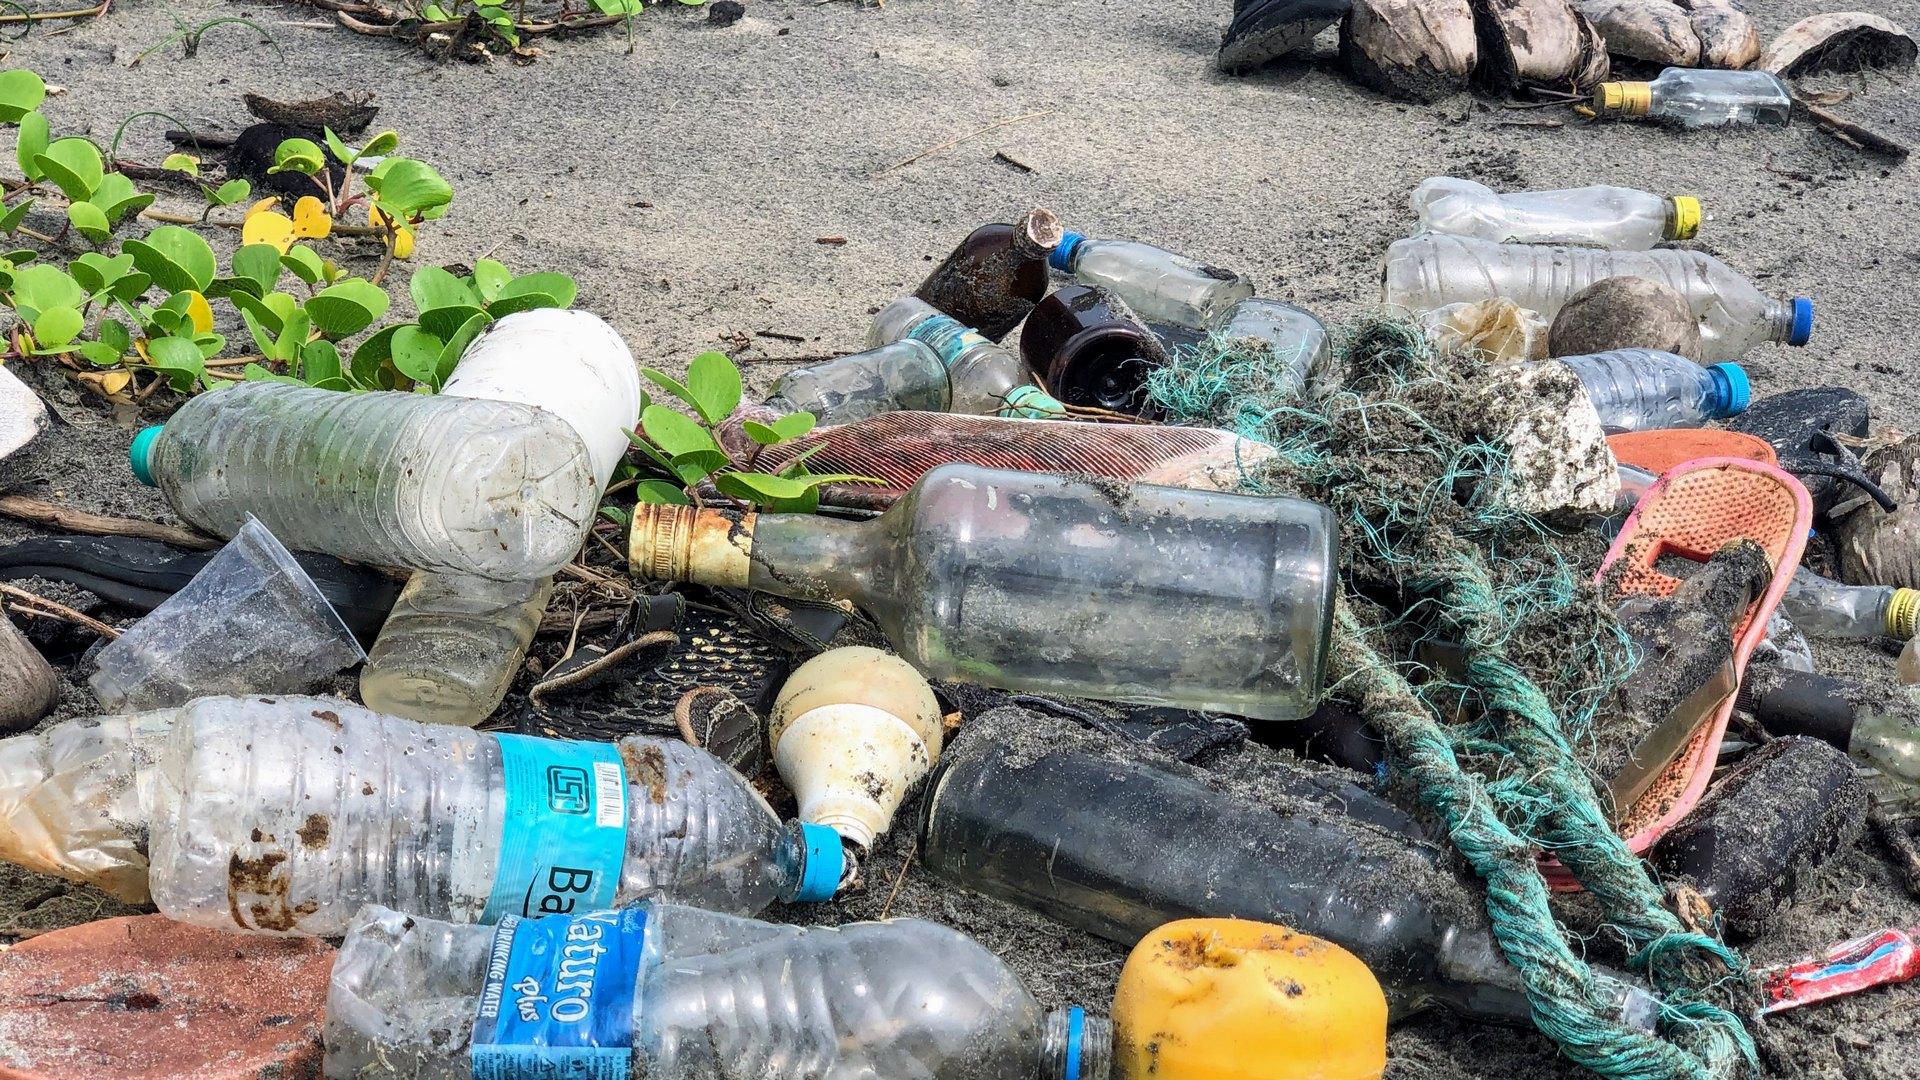 Hrvatski studenti kreirali pokretni pročišćivač mikroplastike iz mora | Problem mikroplastike